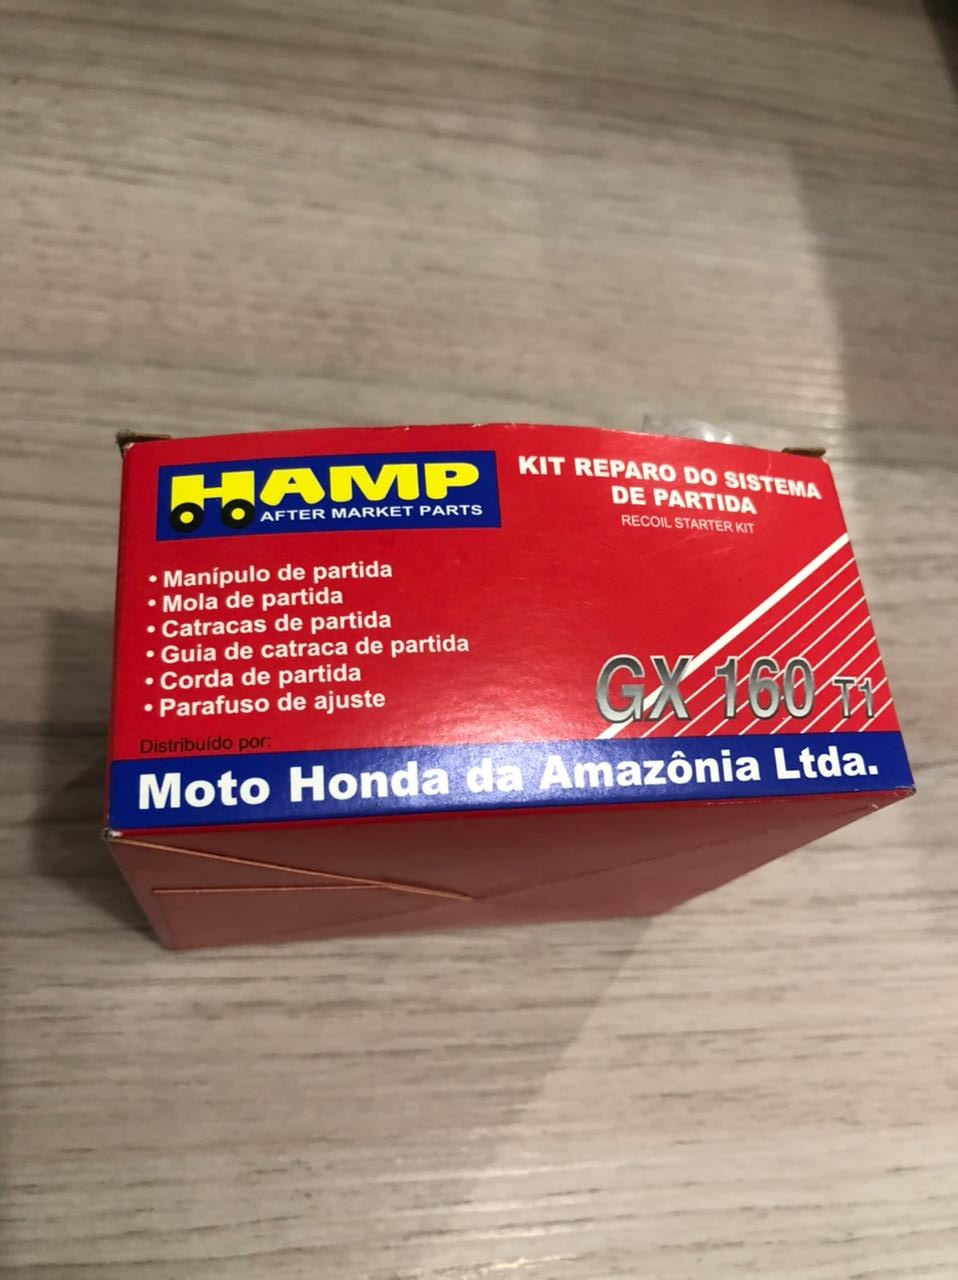 KIT REPARO SISTEMA DE PARTIDA MOTOR HONDA GX120T1/GX160T1/GX200T - H2840ZH8013YA